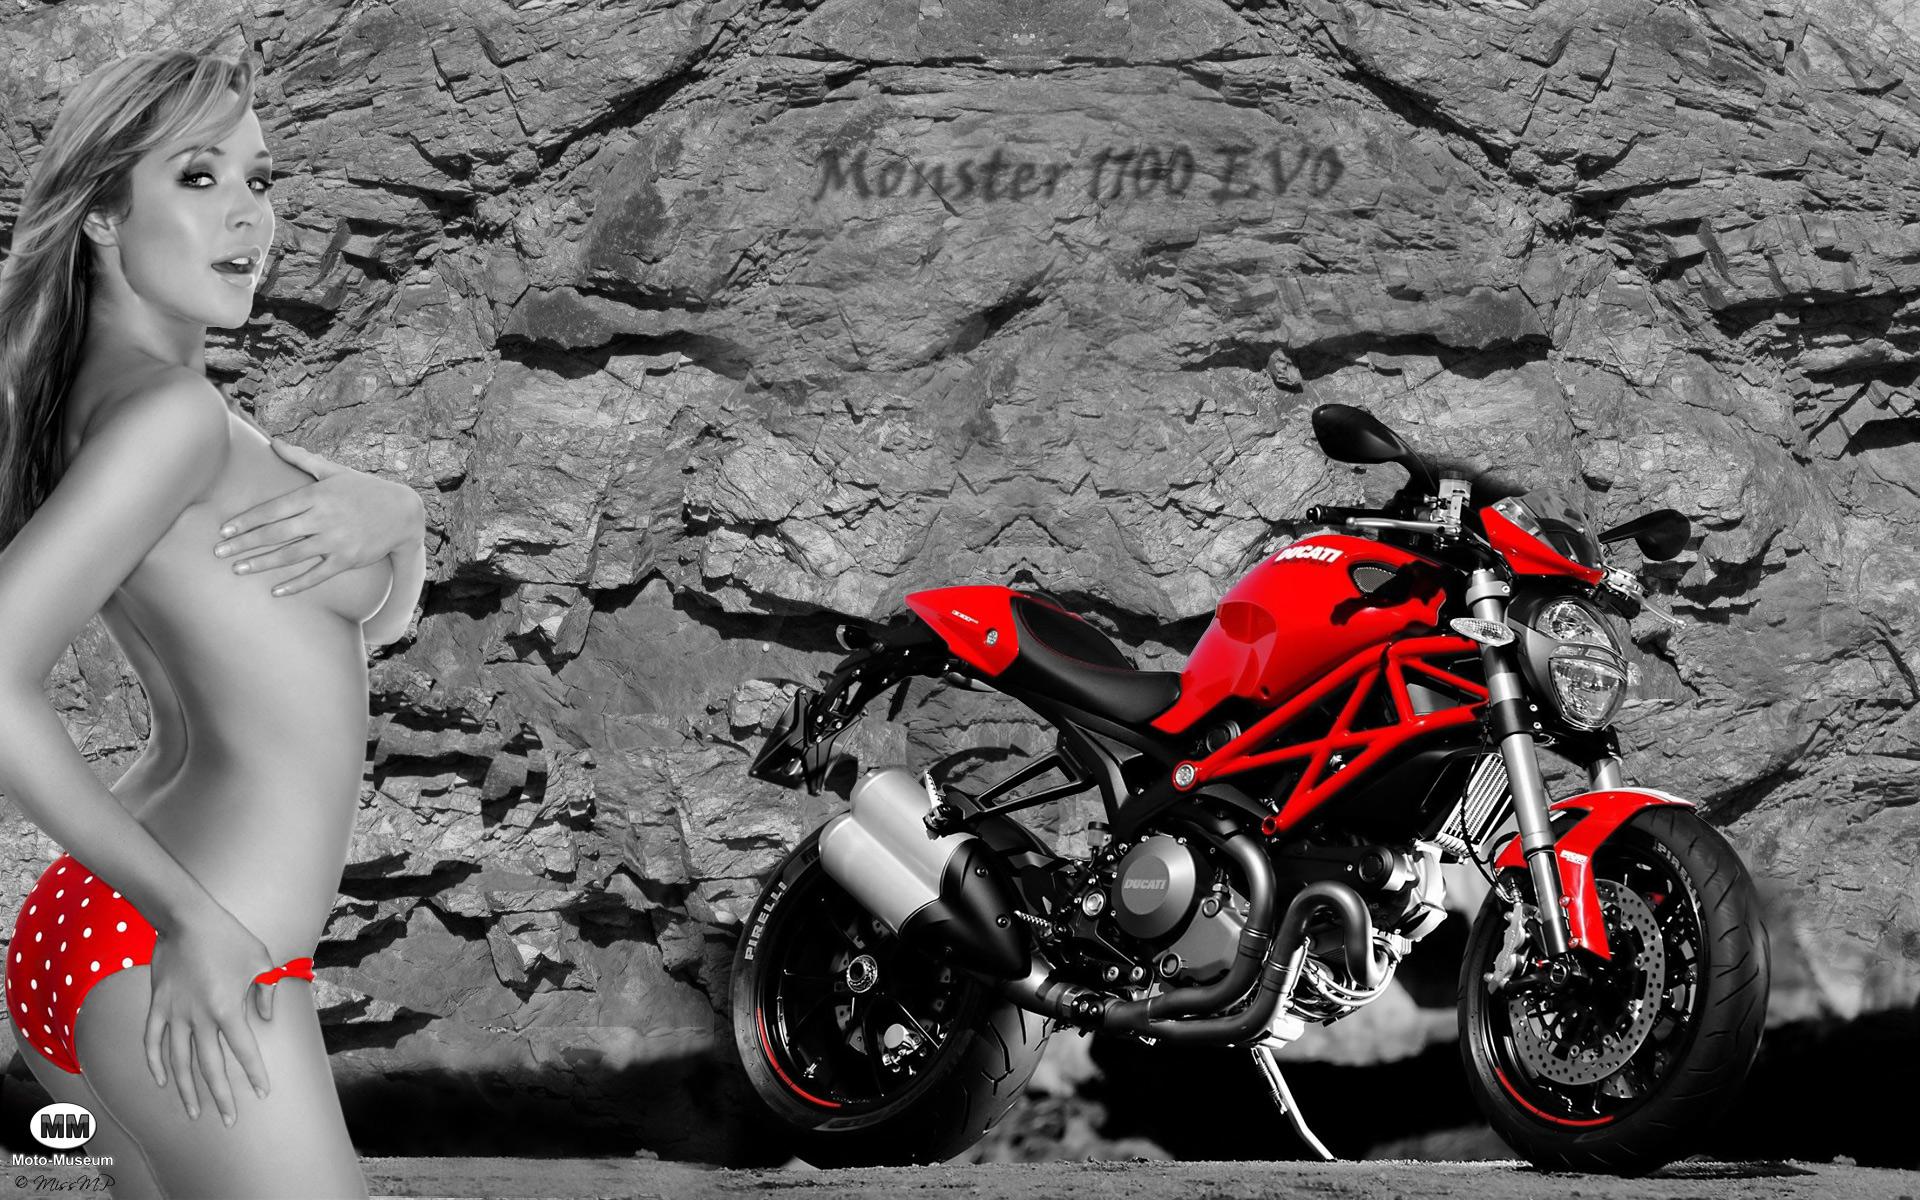 Ducati Monster 1100 Evo  Emily Scott - Sexy Girl - Wallpaper-6275